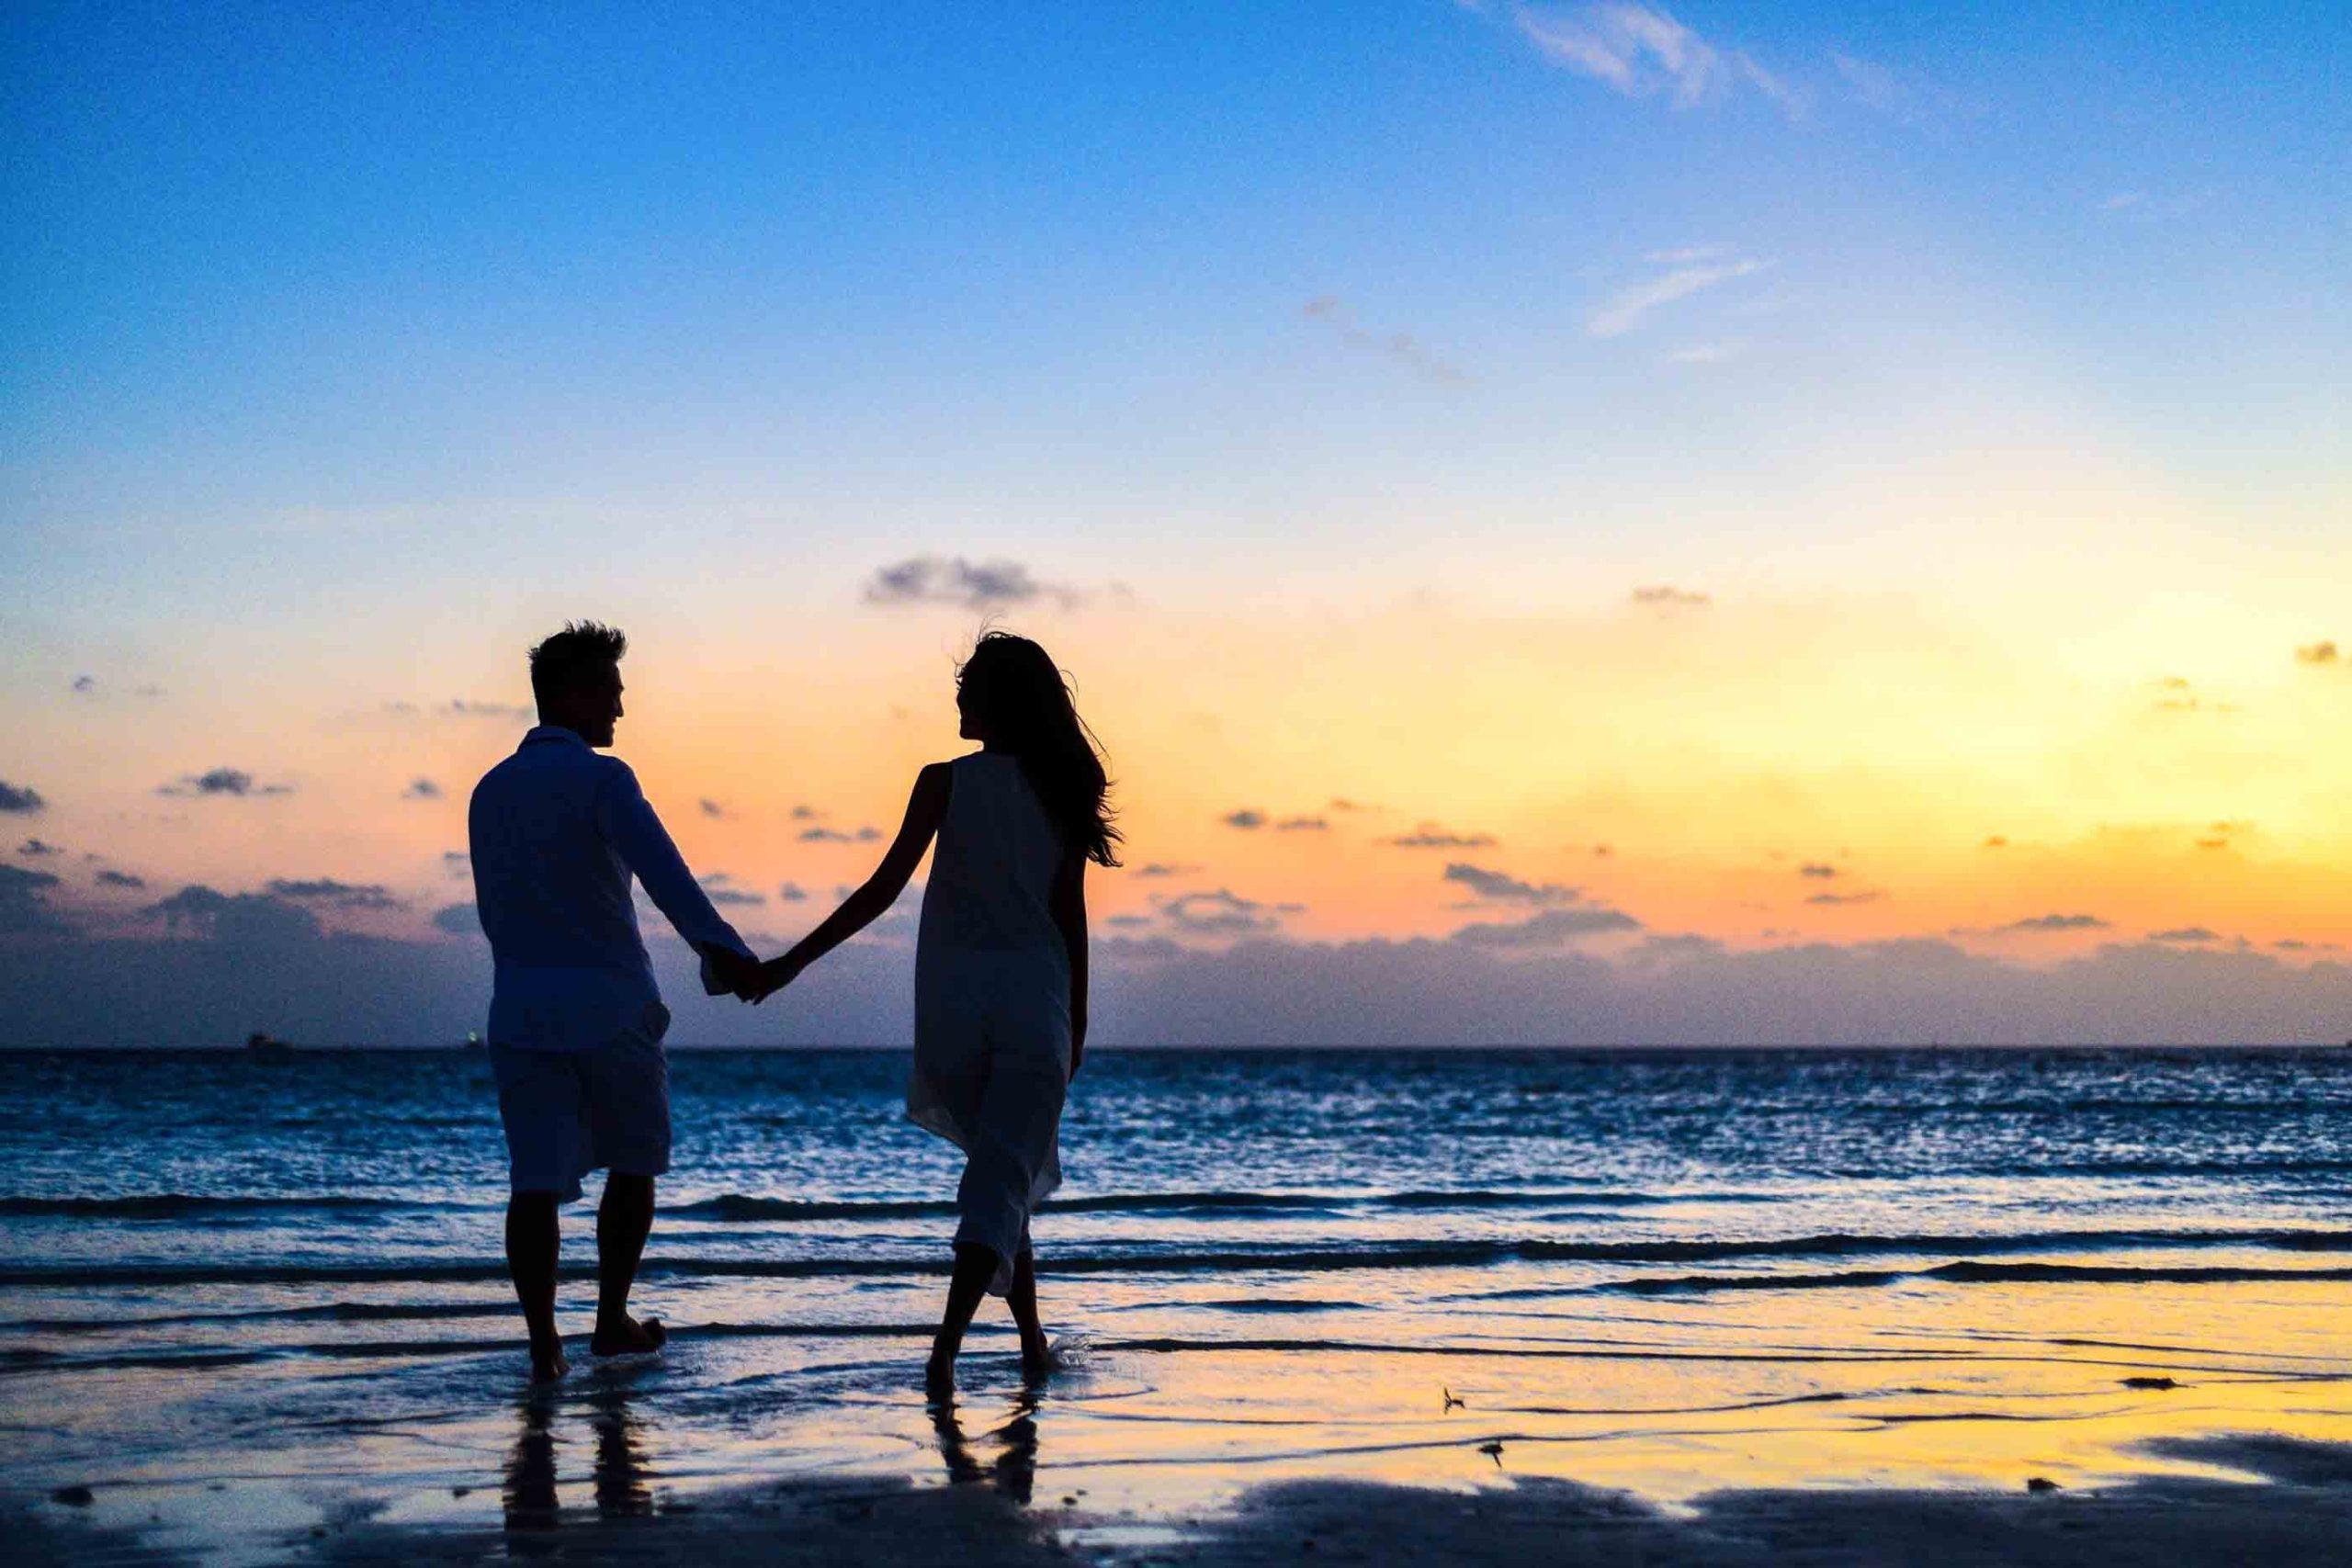 Top 5 UK Honeymoon Location Spots